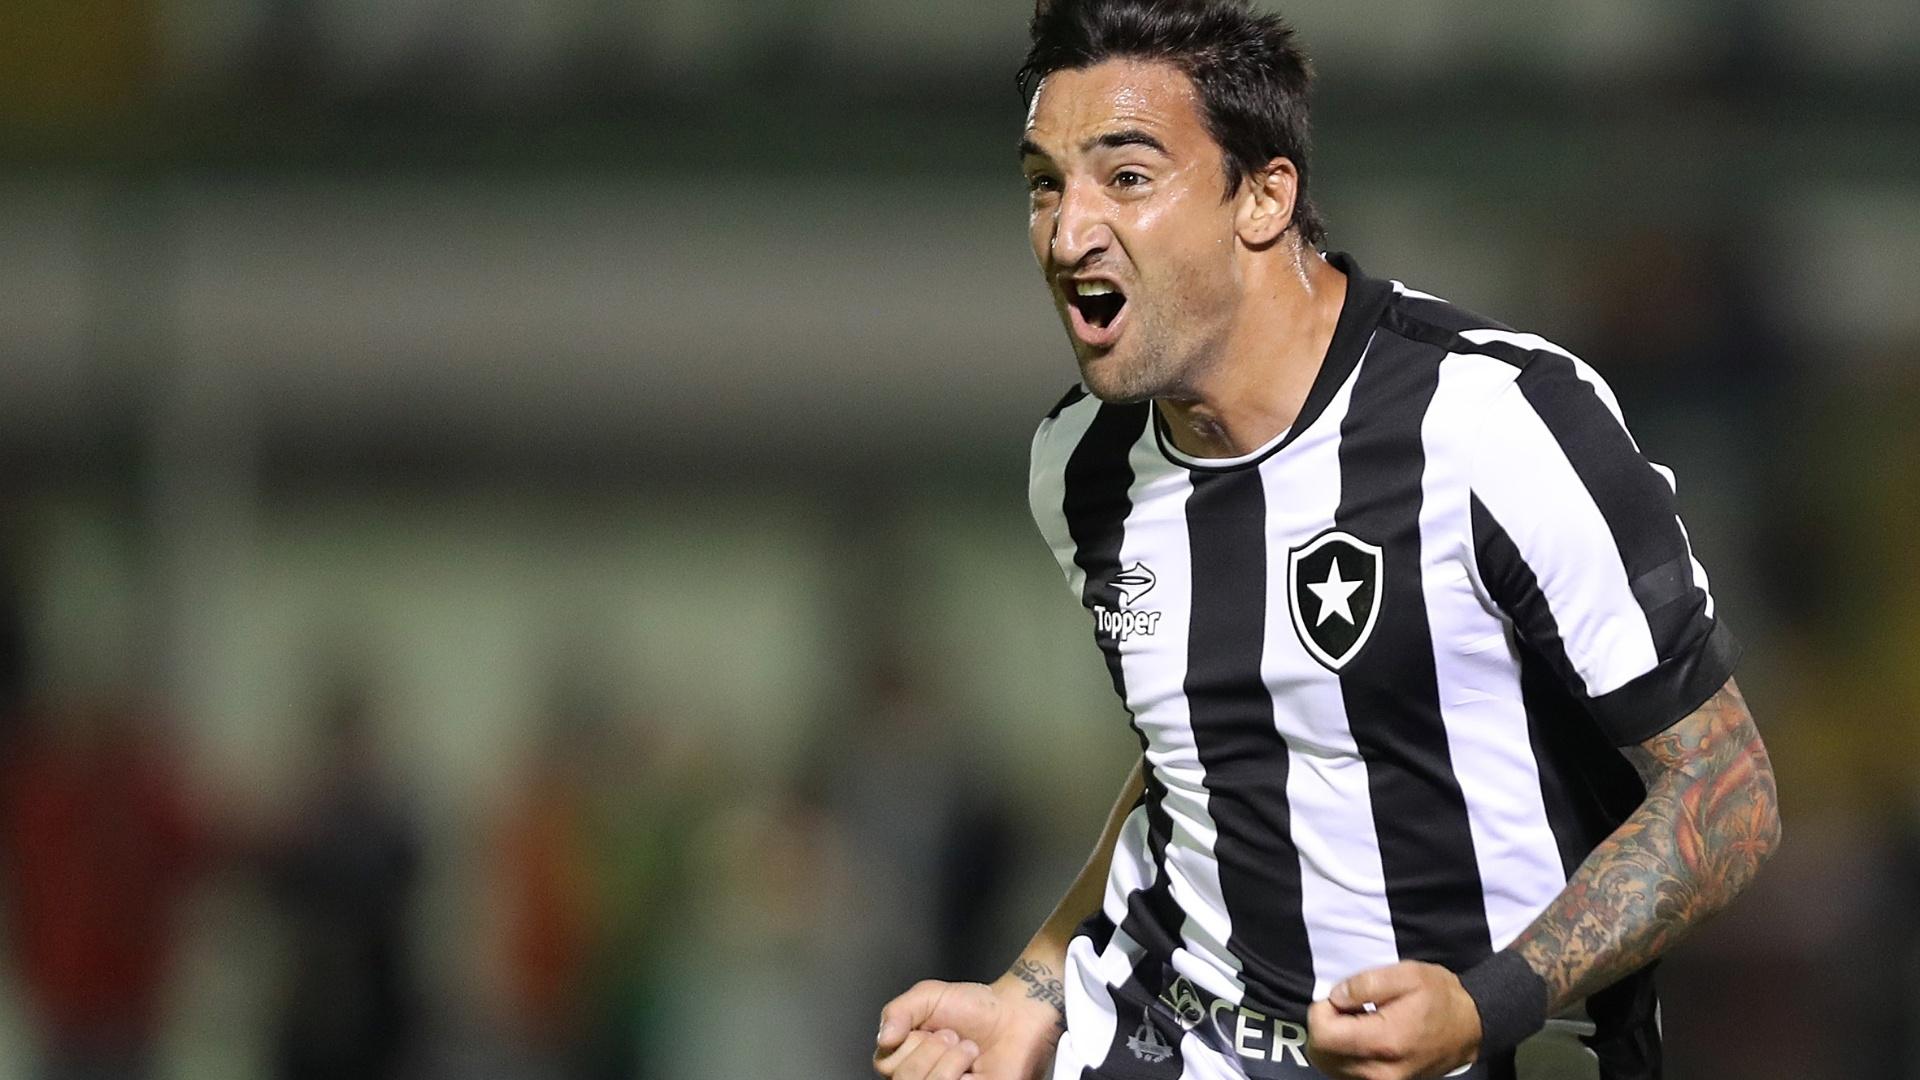 Salgueiro comemora gol do Botafogo contra o Flamengo